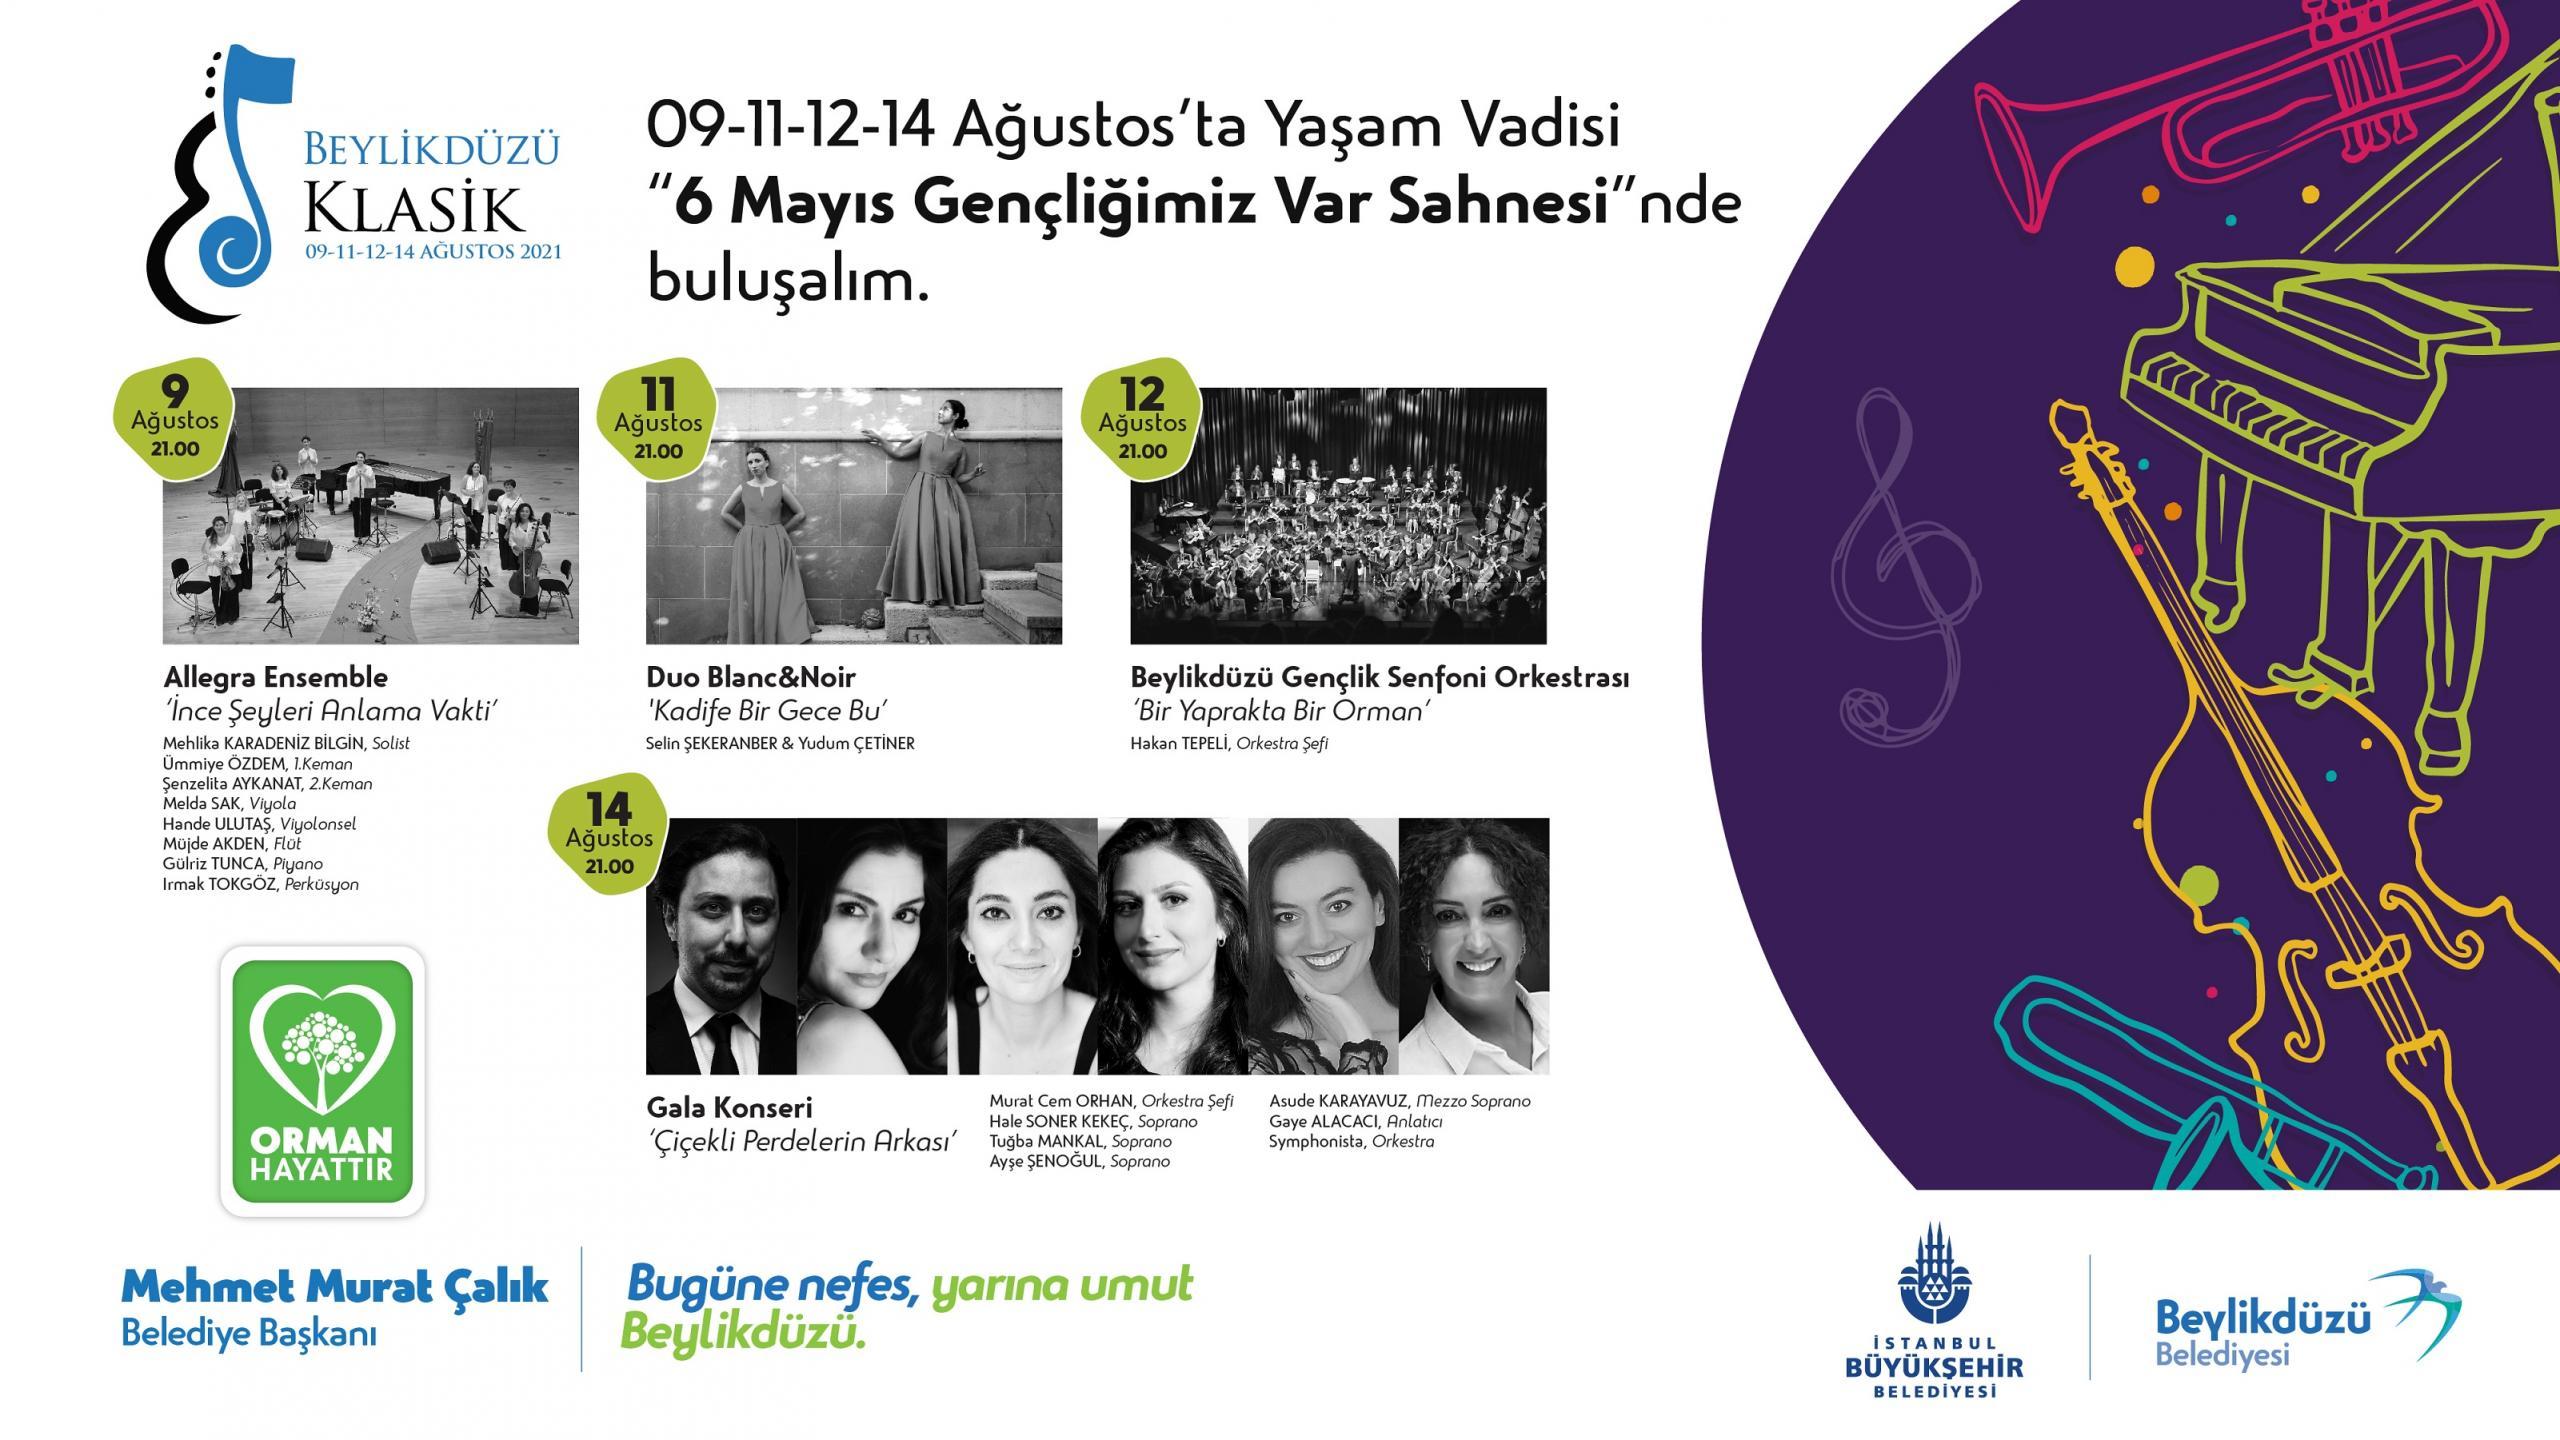 KLASİK MÜZİK FESTİVALİ'NİN FİNALİ ERTELENDİ